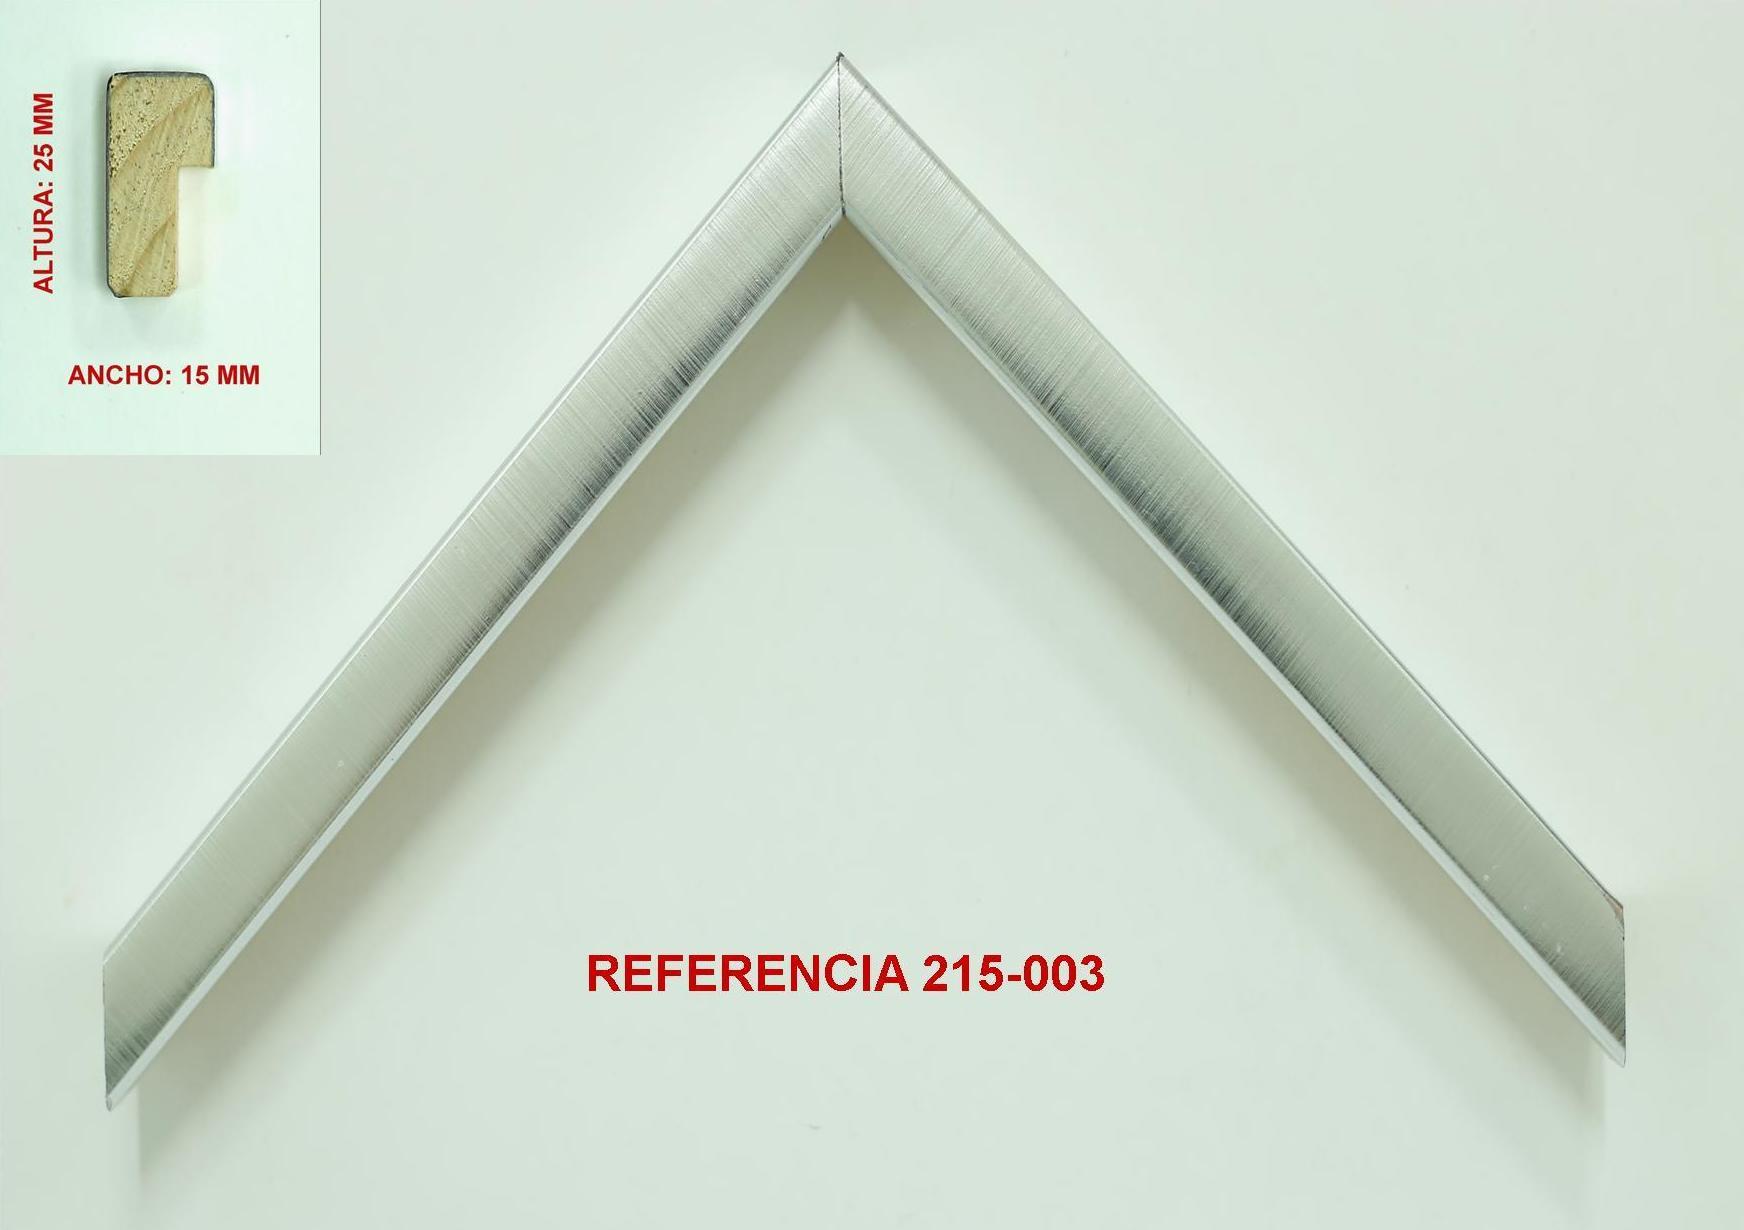 REF 215-003: Muestrario de Moldusevilla